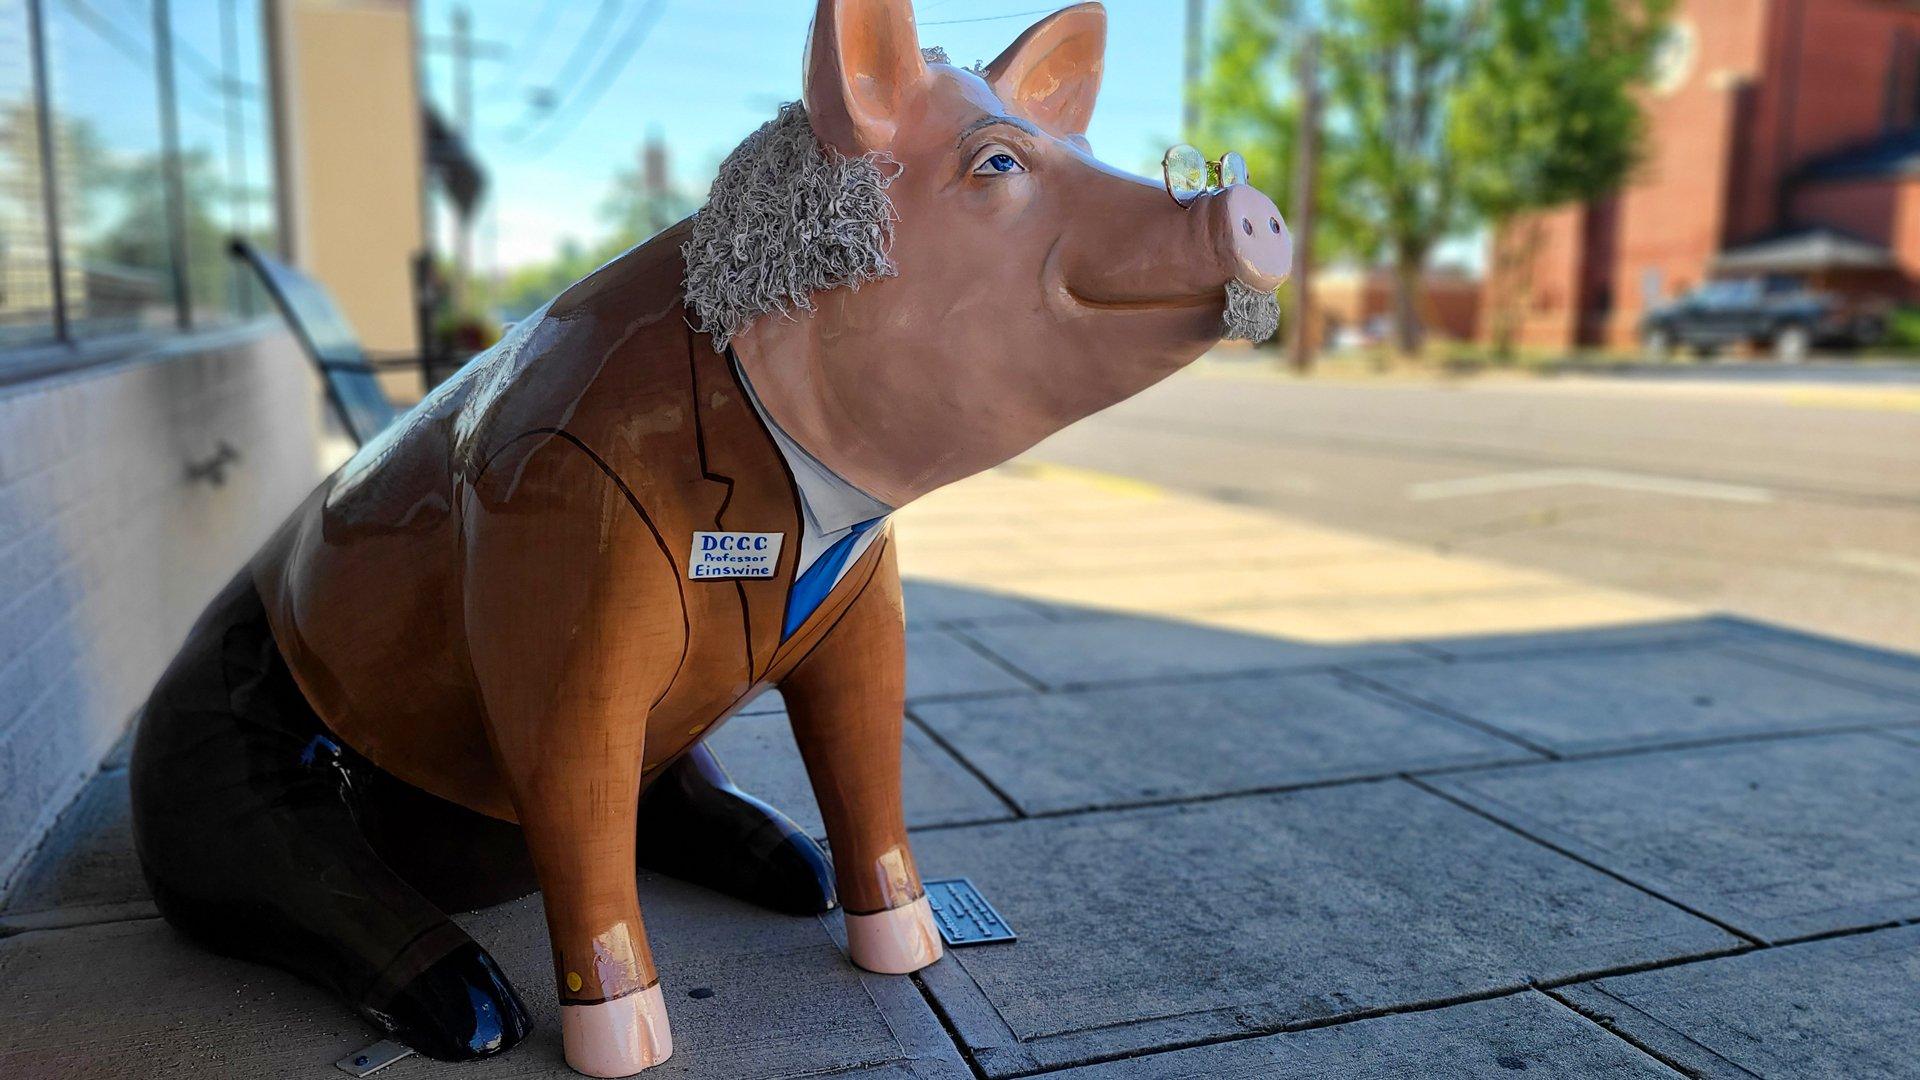 Pig Statue on sidewalk. Text reads: DCCC professor Einswine